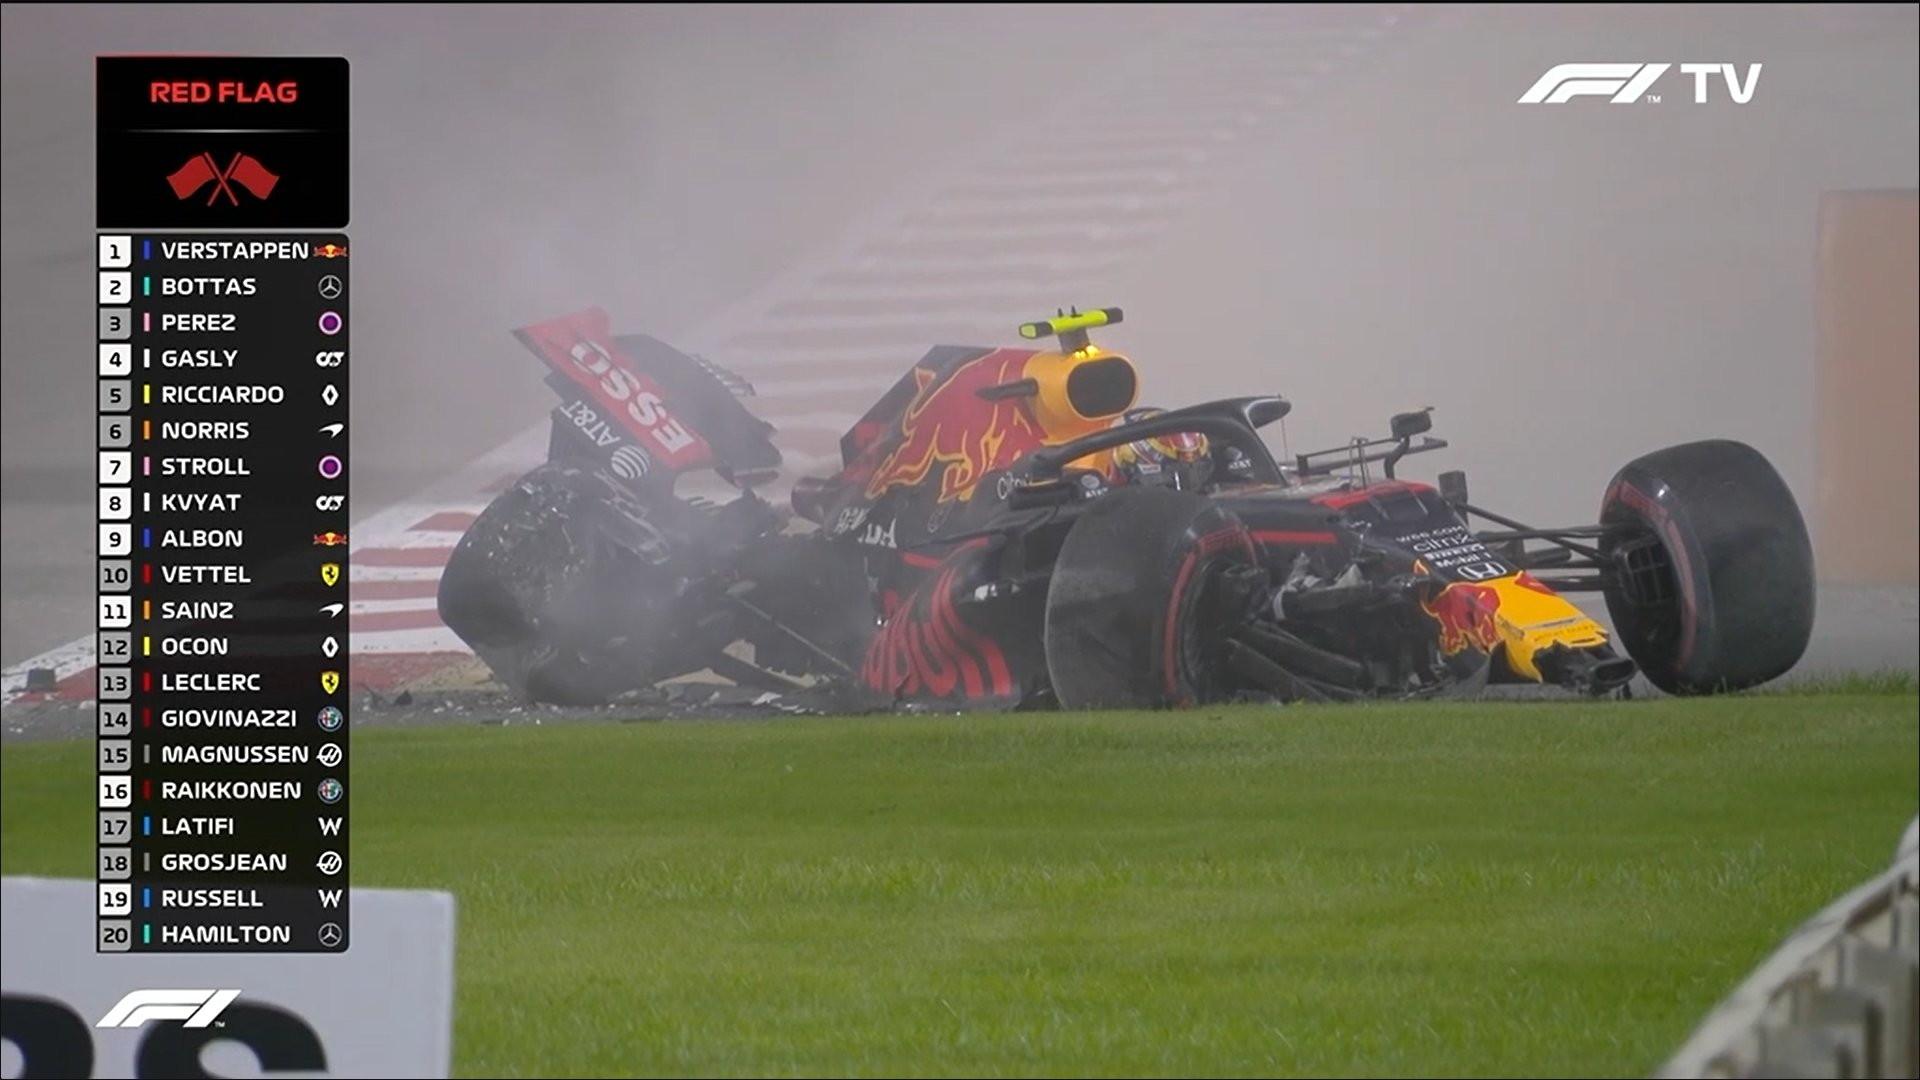 L&#39;anglo-thailandese ha perso il controllo della sua Red Bull nel corso della seconda sessione di libere e, dopo un duro impatto con le barriere, ha visto la sua monoposto accartocciarsi. Tanto lavoro per i meccanici, fortunatamente il pilota &egrave; uscito dall&#39;abitacolo senza problemi.<br /><br />